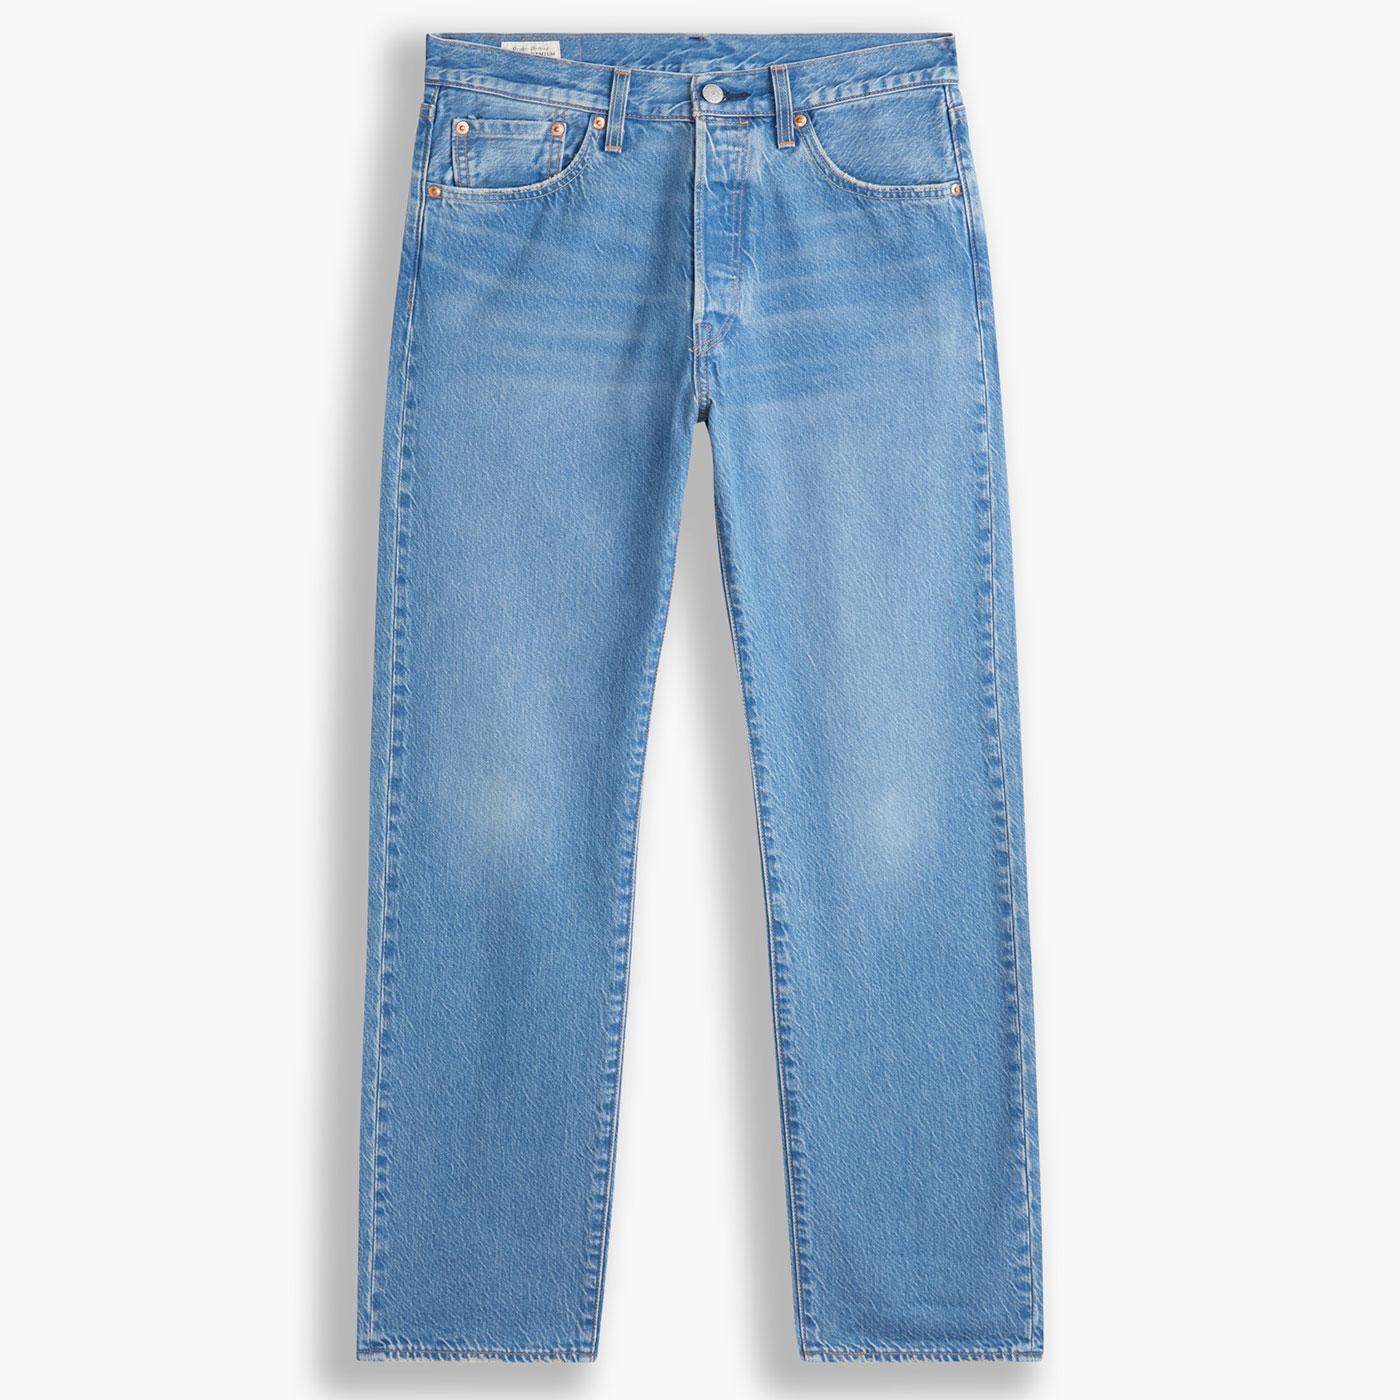 LEVI'S 501 Original Straight Retro Jeans (CS)